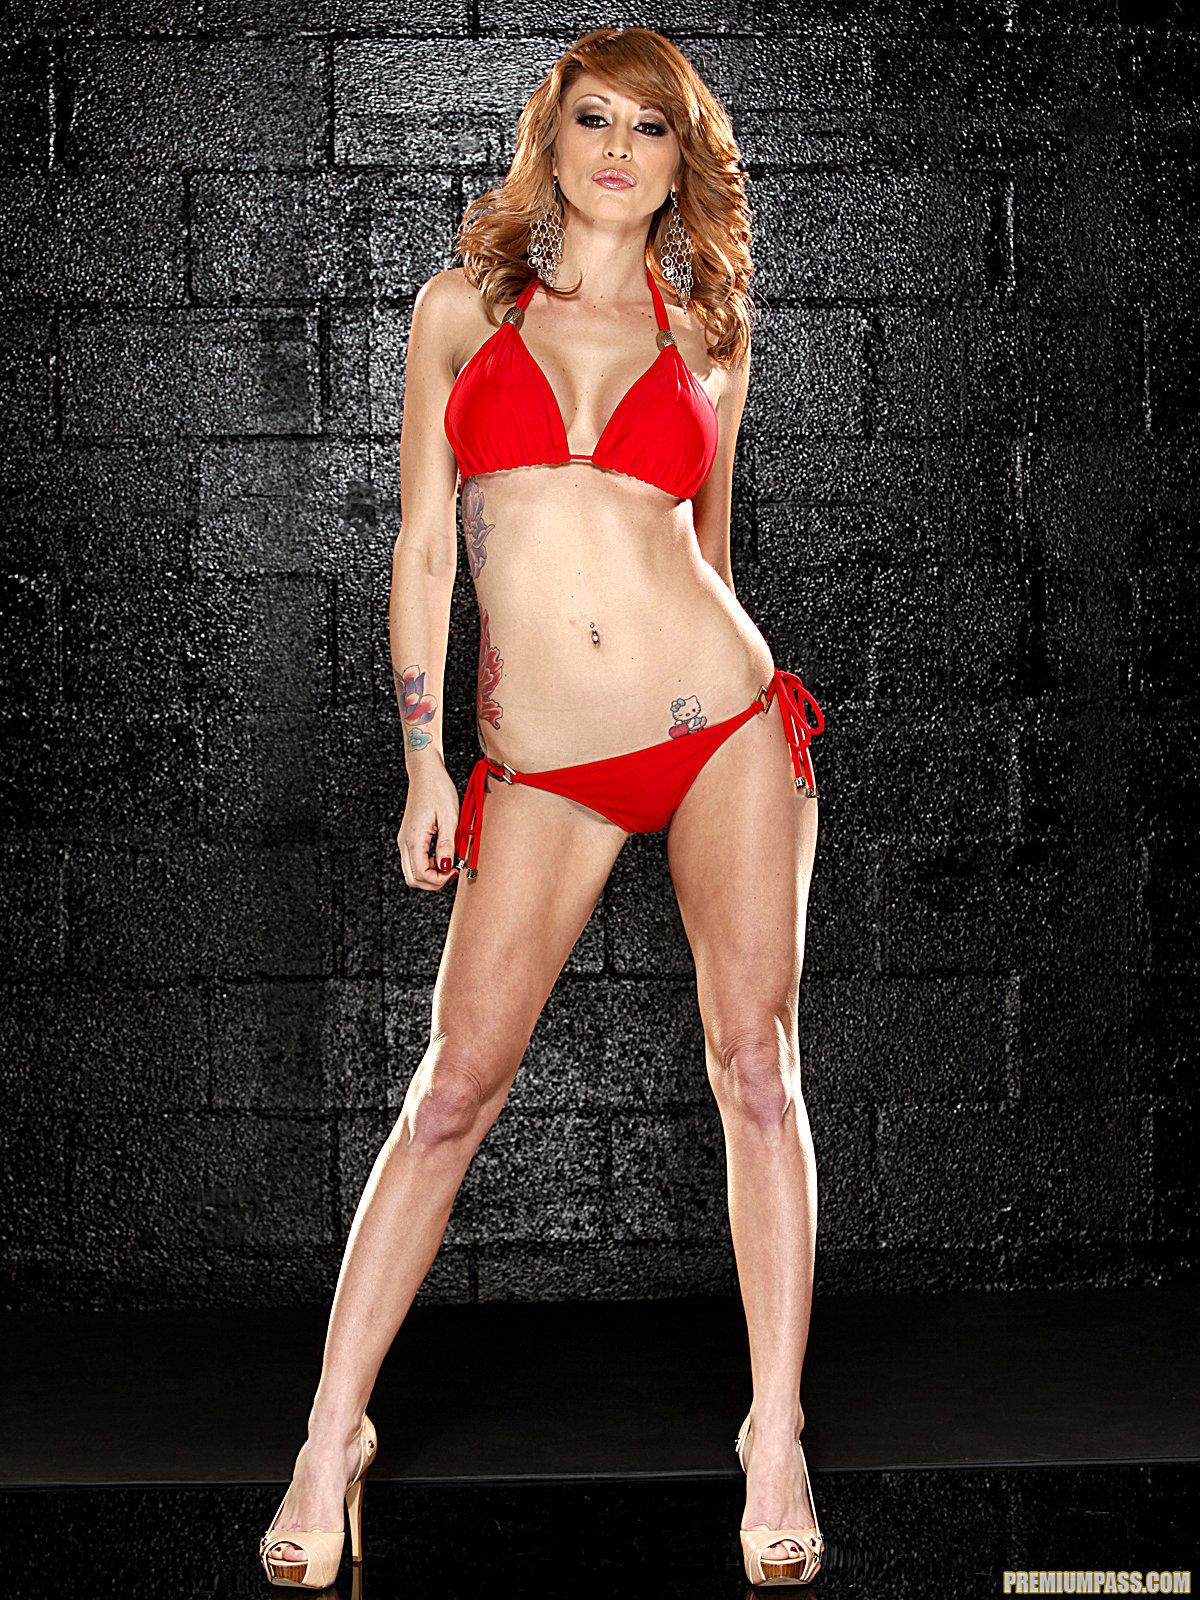 Эро фото моника александра, самые сексуальные фото порно ананасик